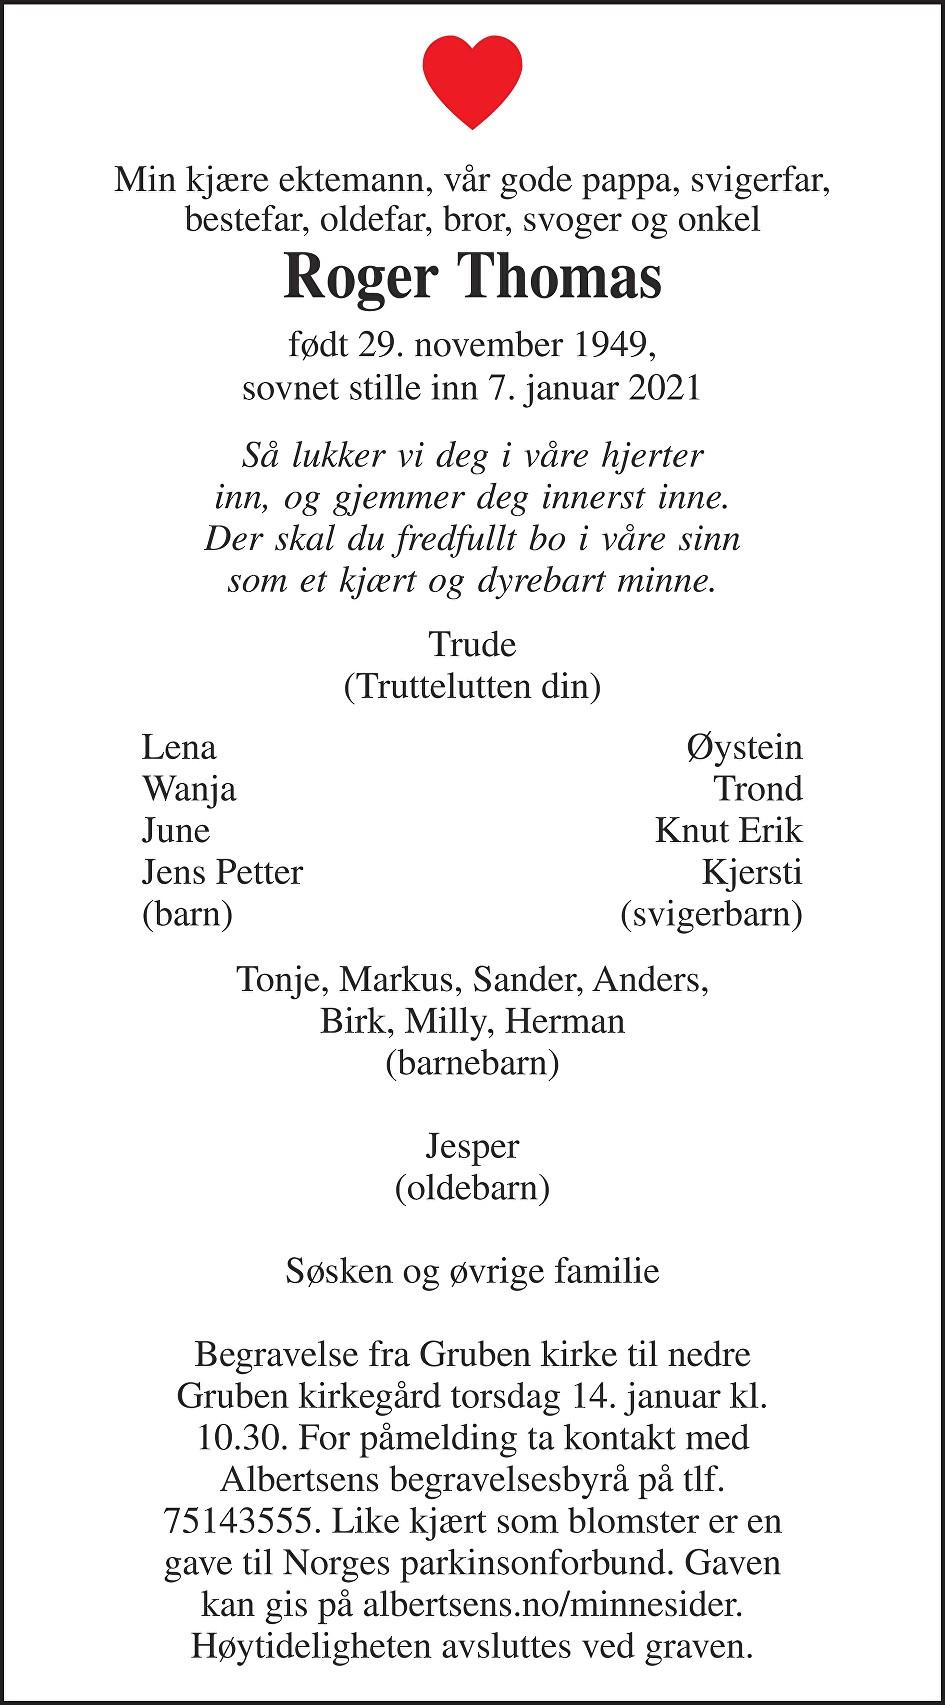 Roger Thomas Dødsannonse